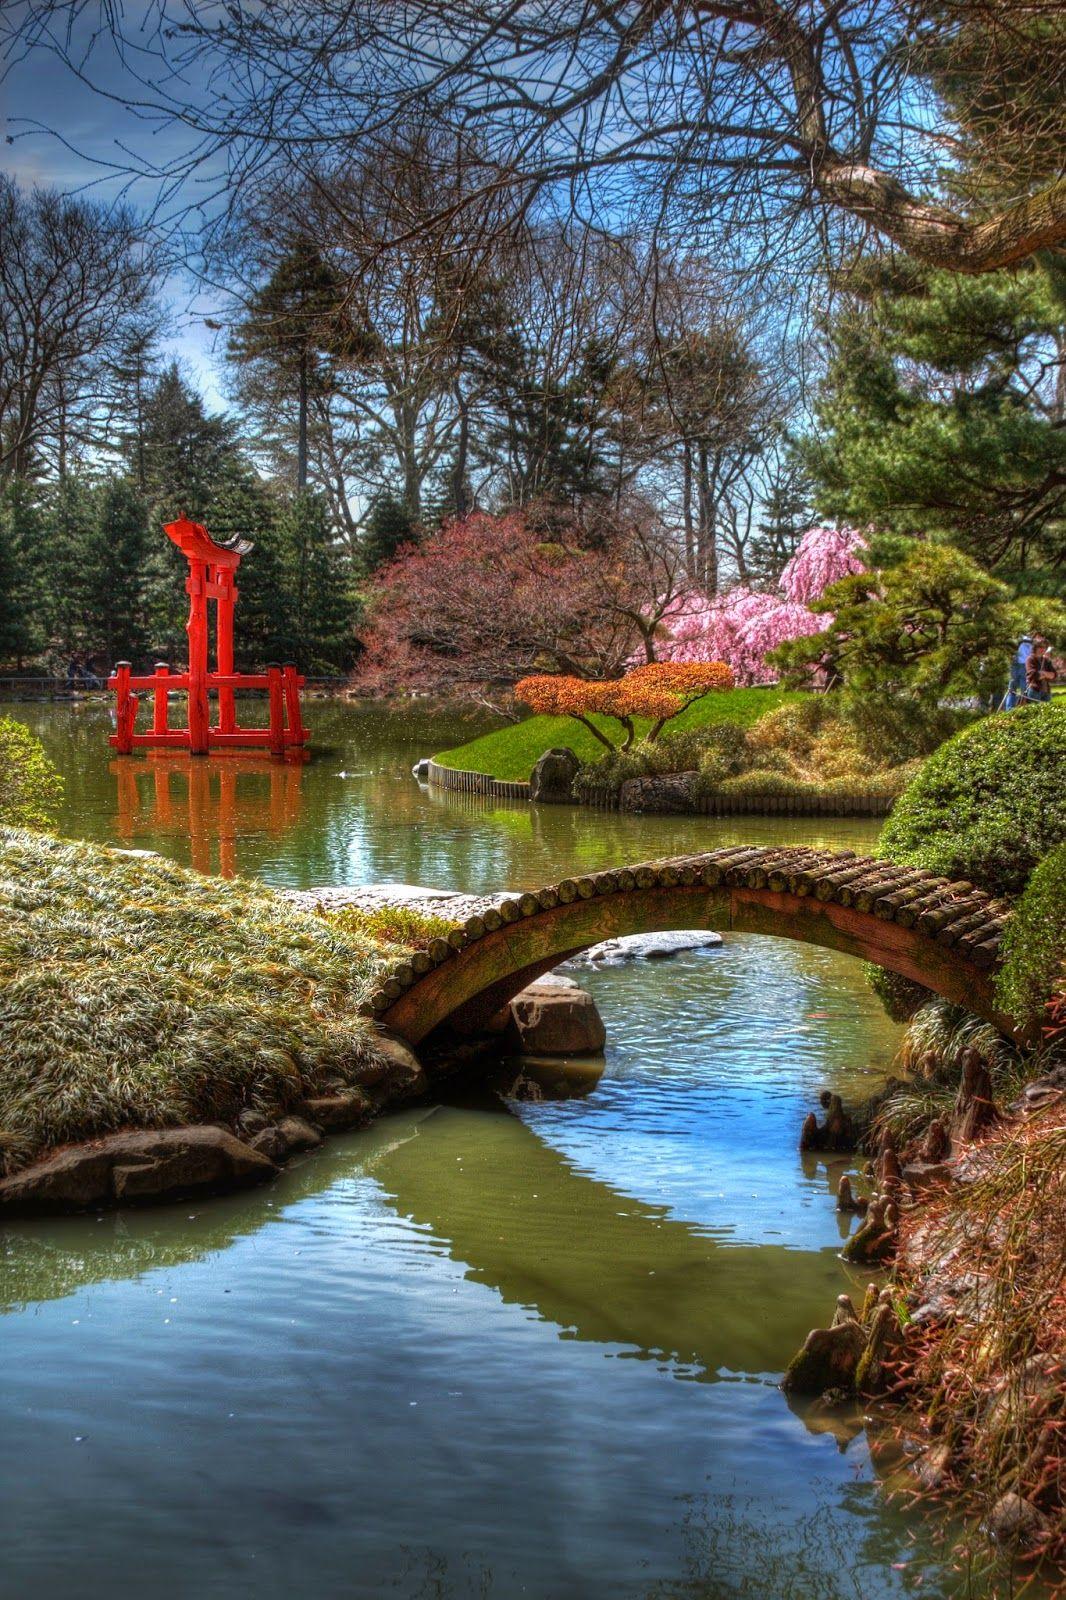 72c7da5374b1ff46f0d77aad3efb7cb7 - Best Botanical Gardens In United States